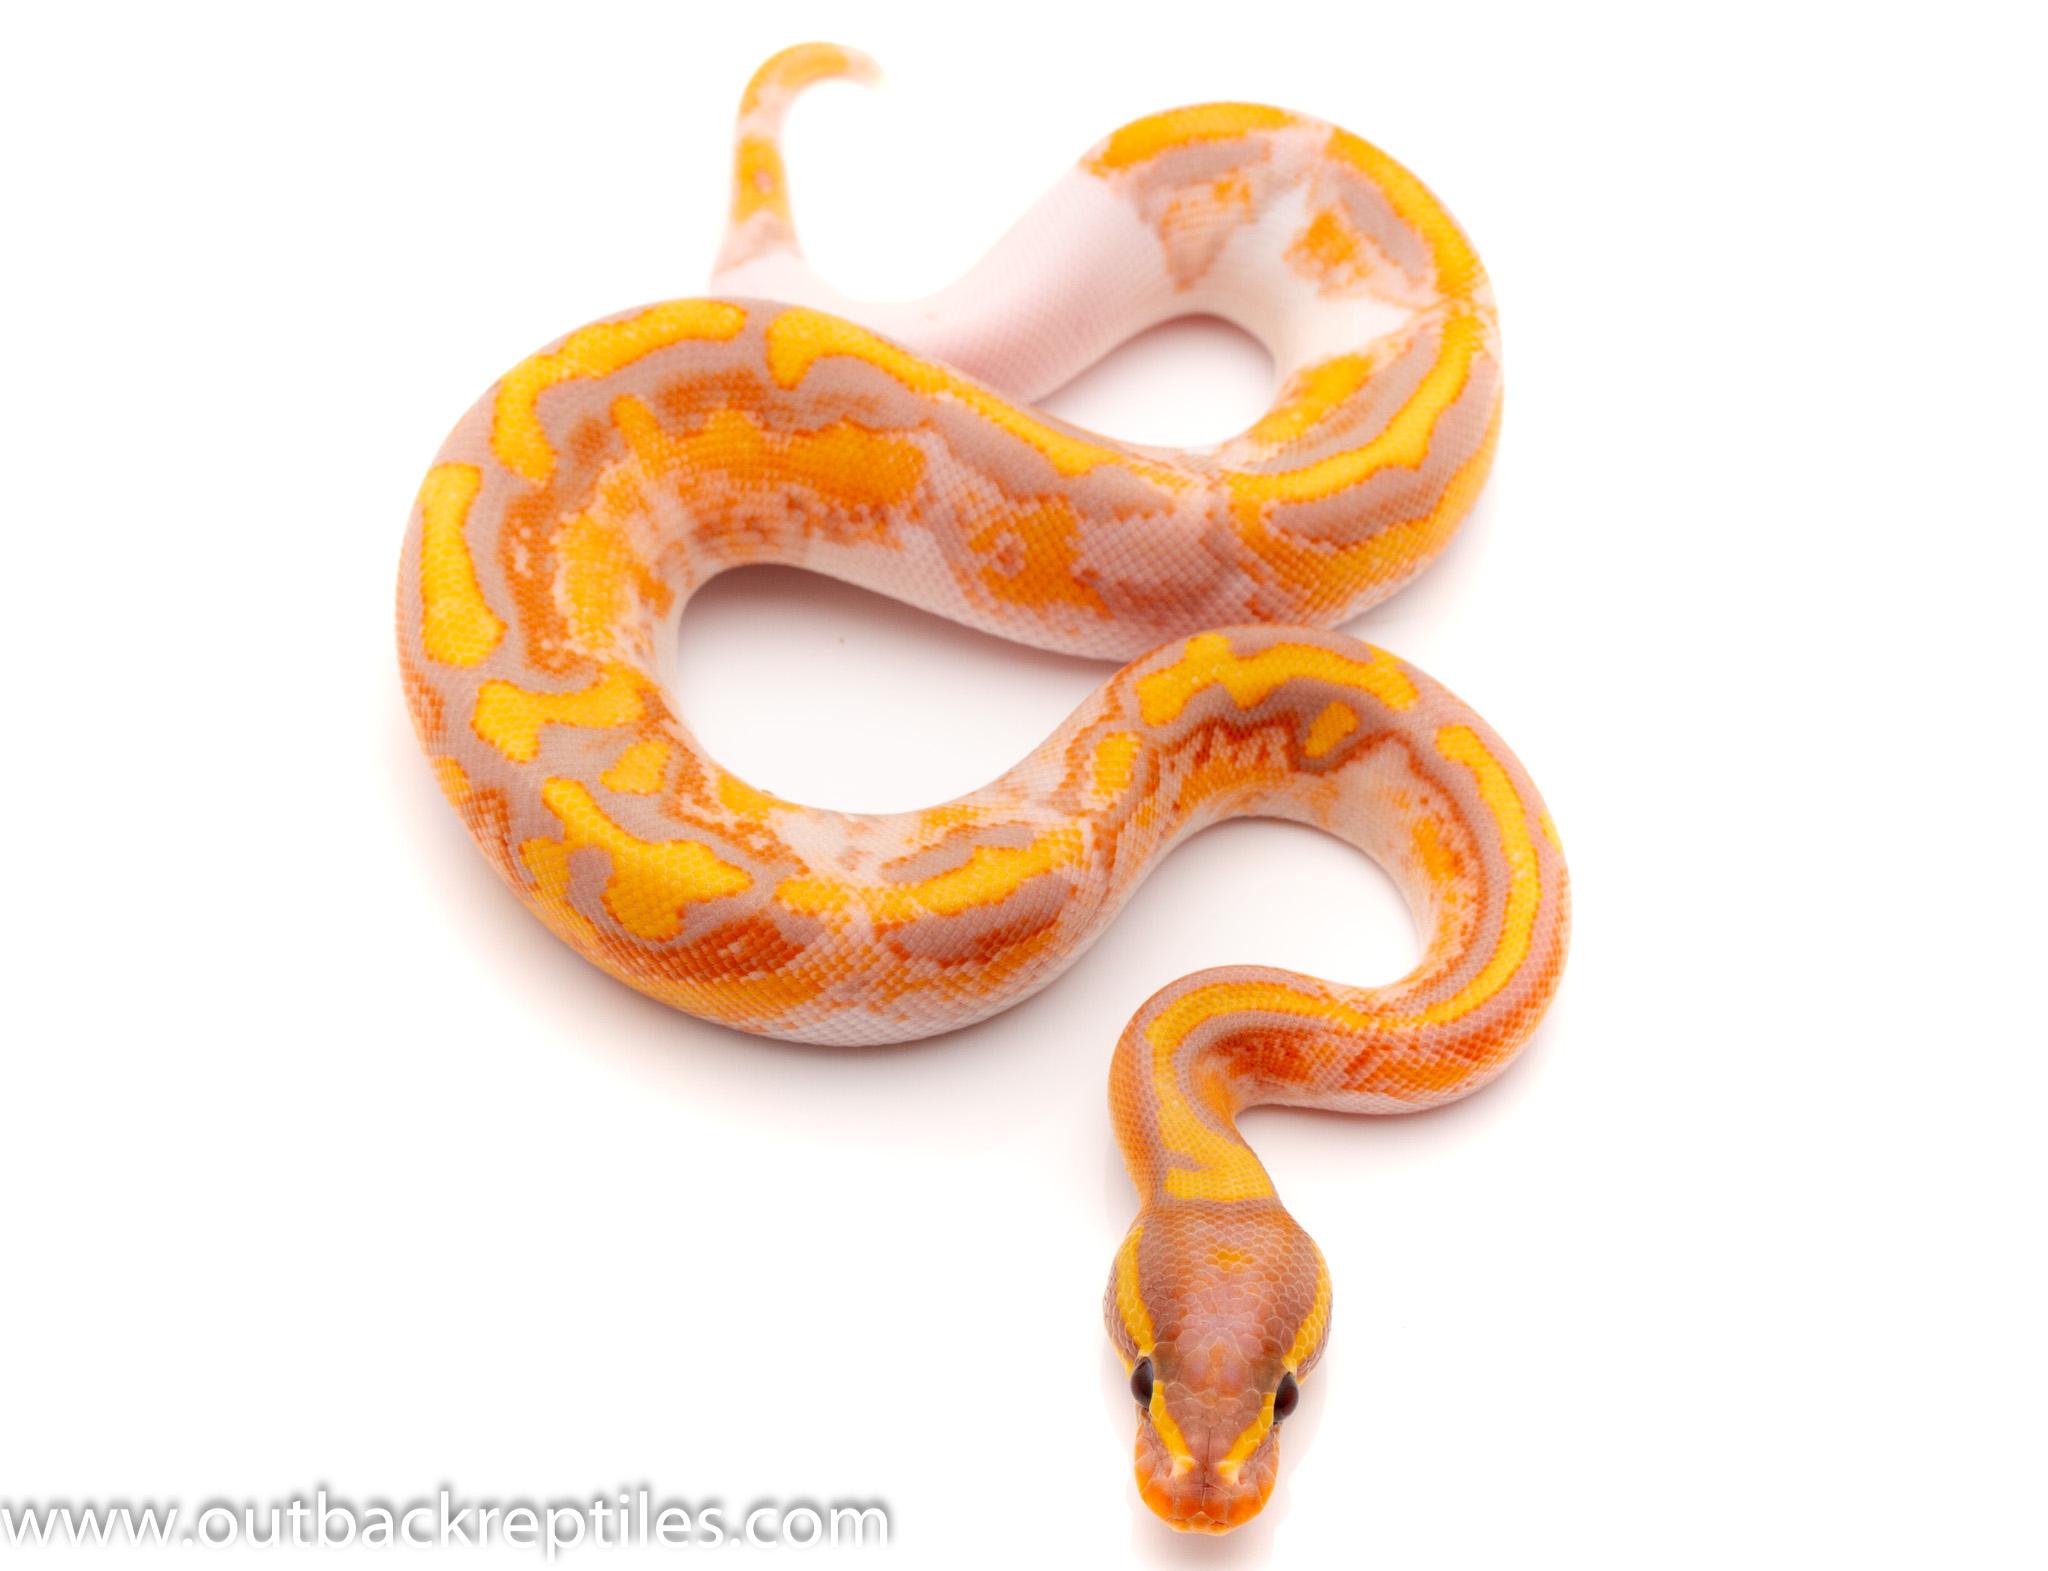 banana pied ball python for sale